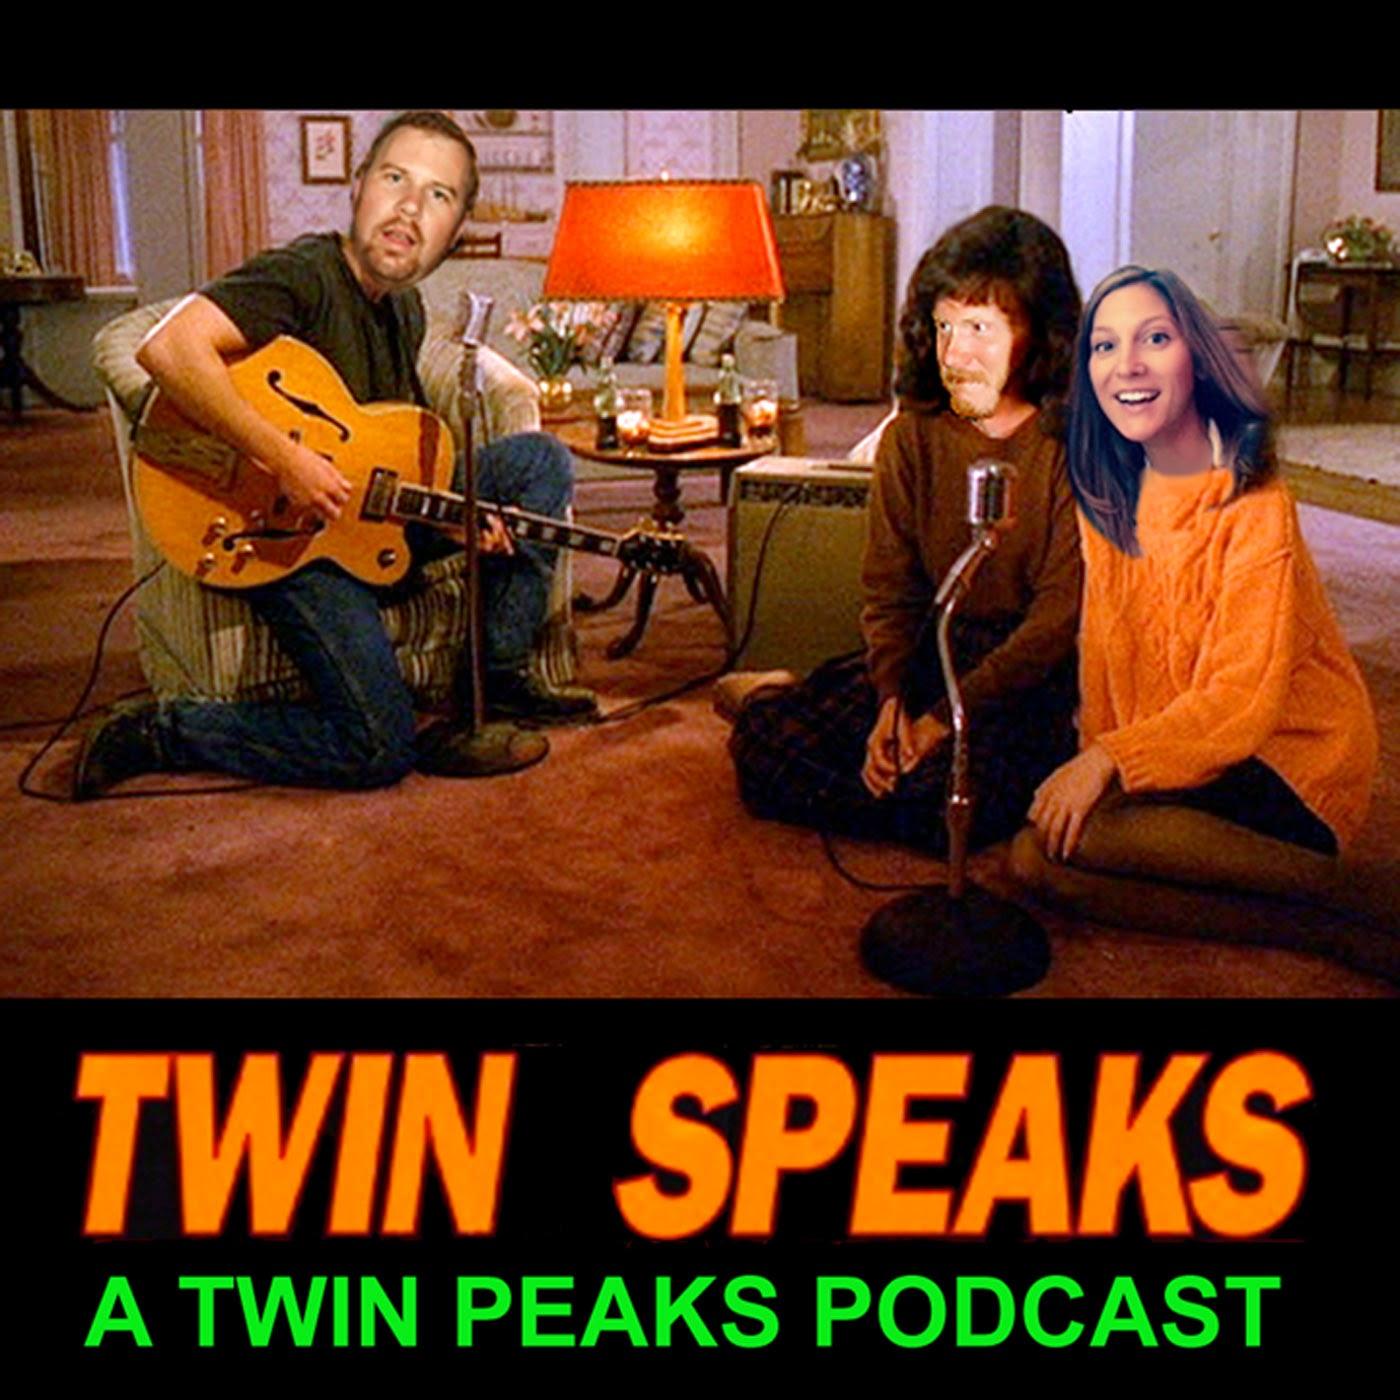 Twin Speaks: A Twin Peaks Podcast